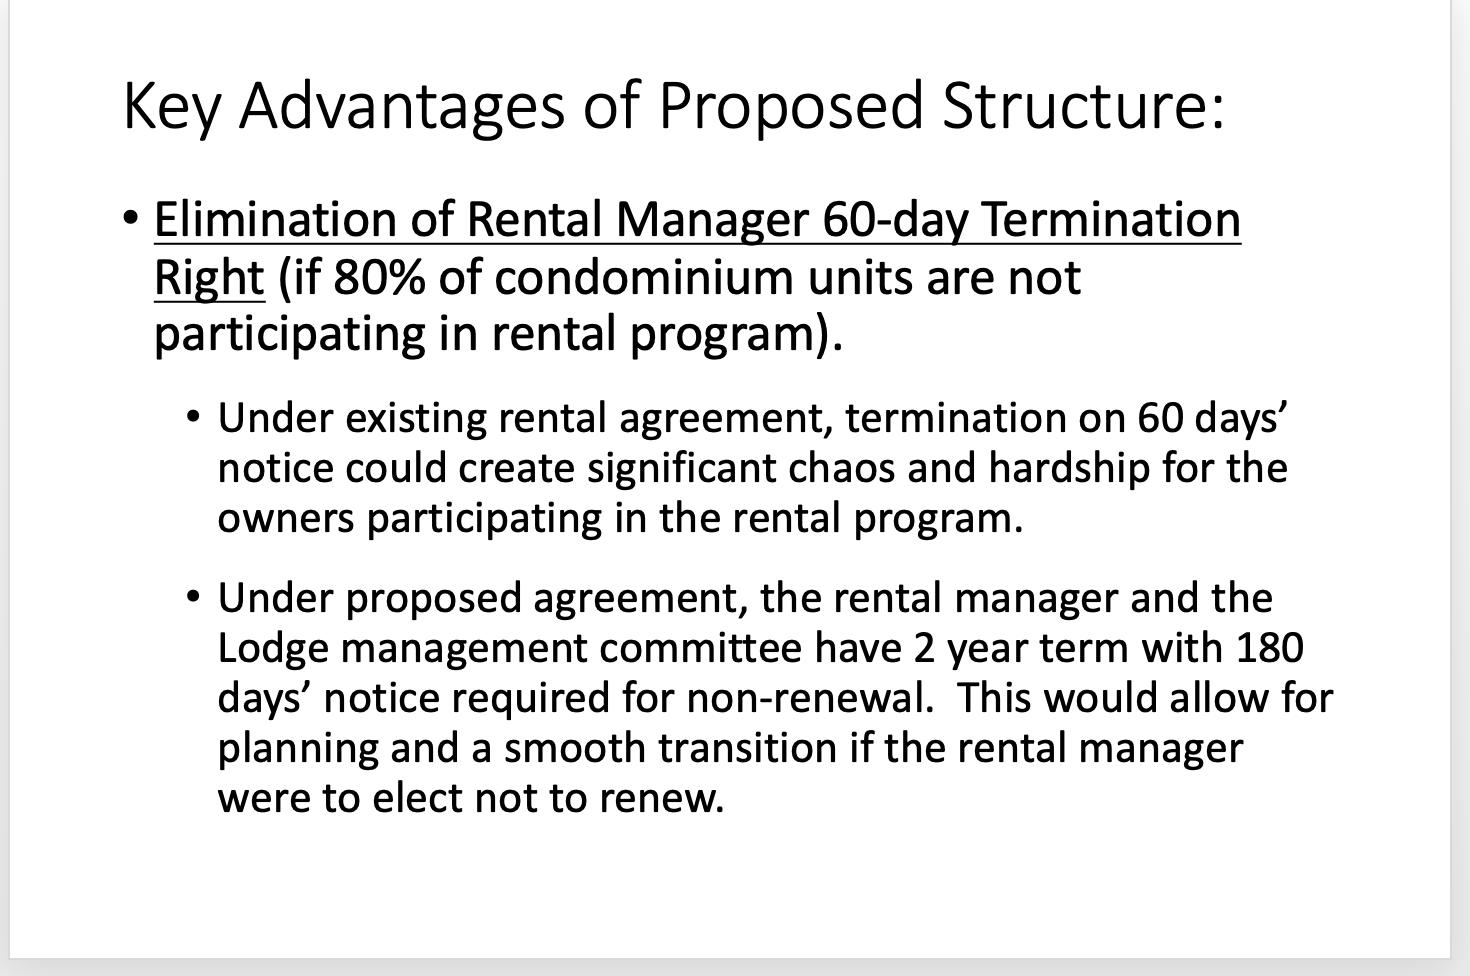 Key Advantages 6